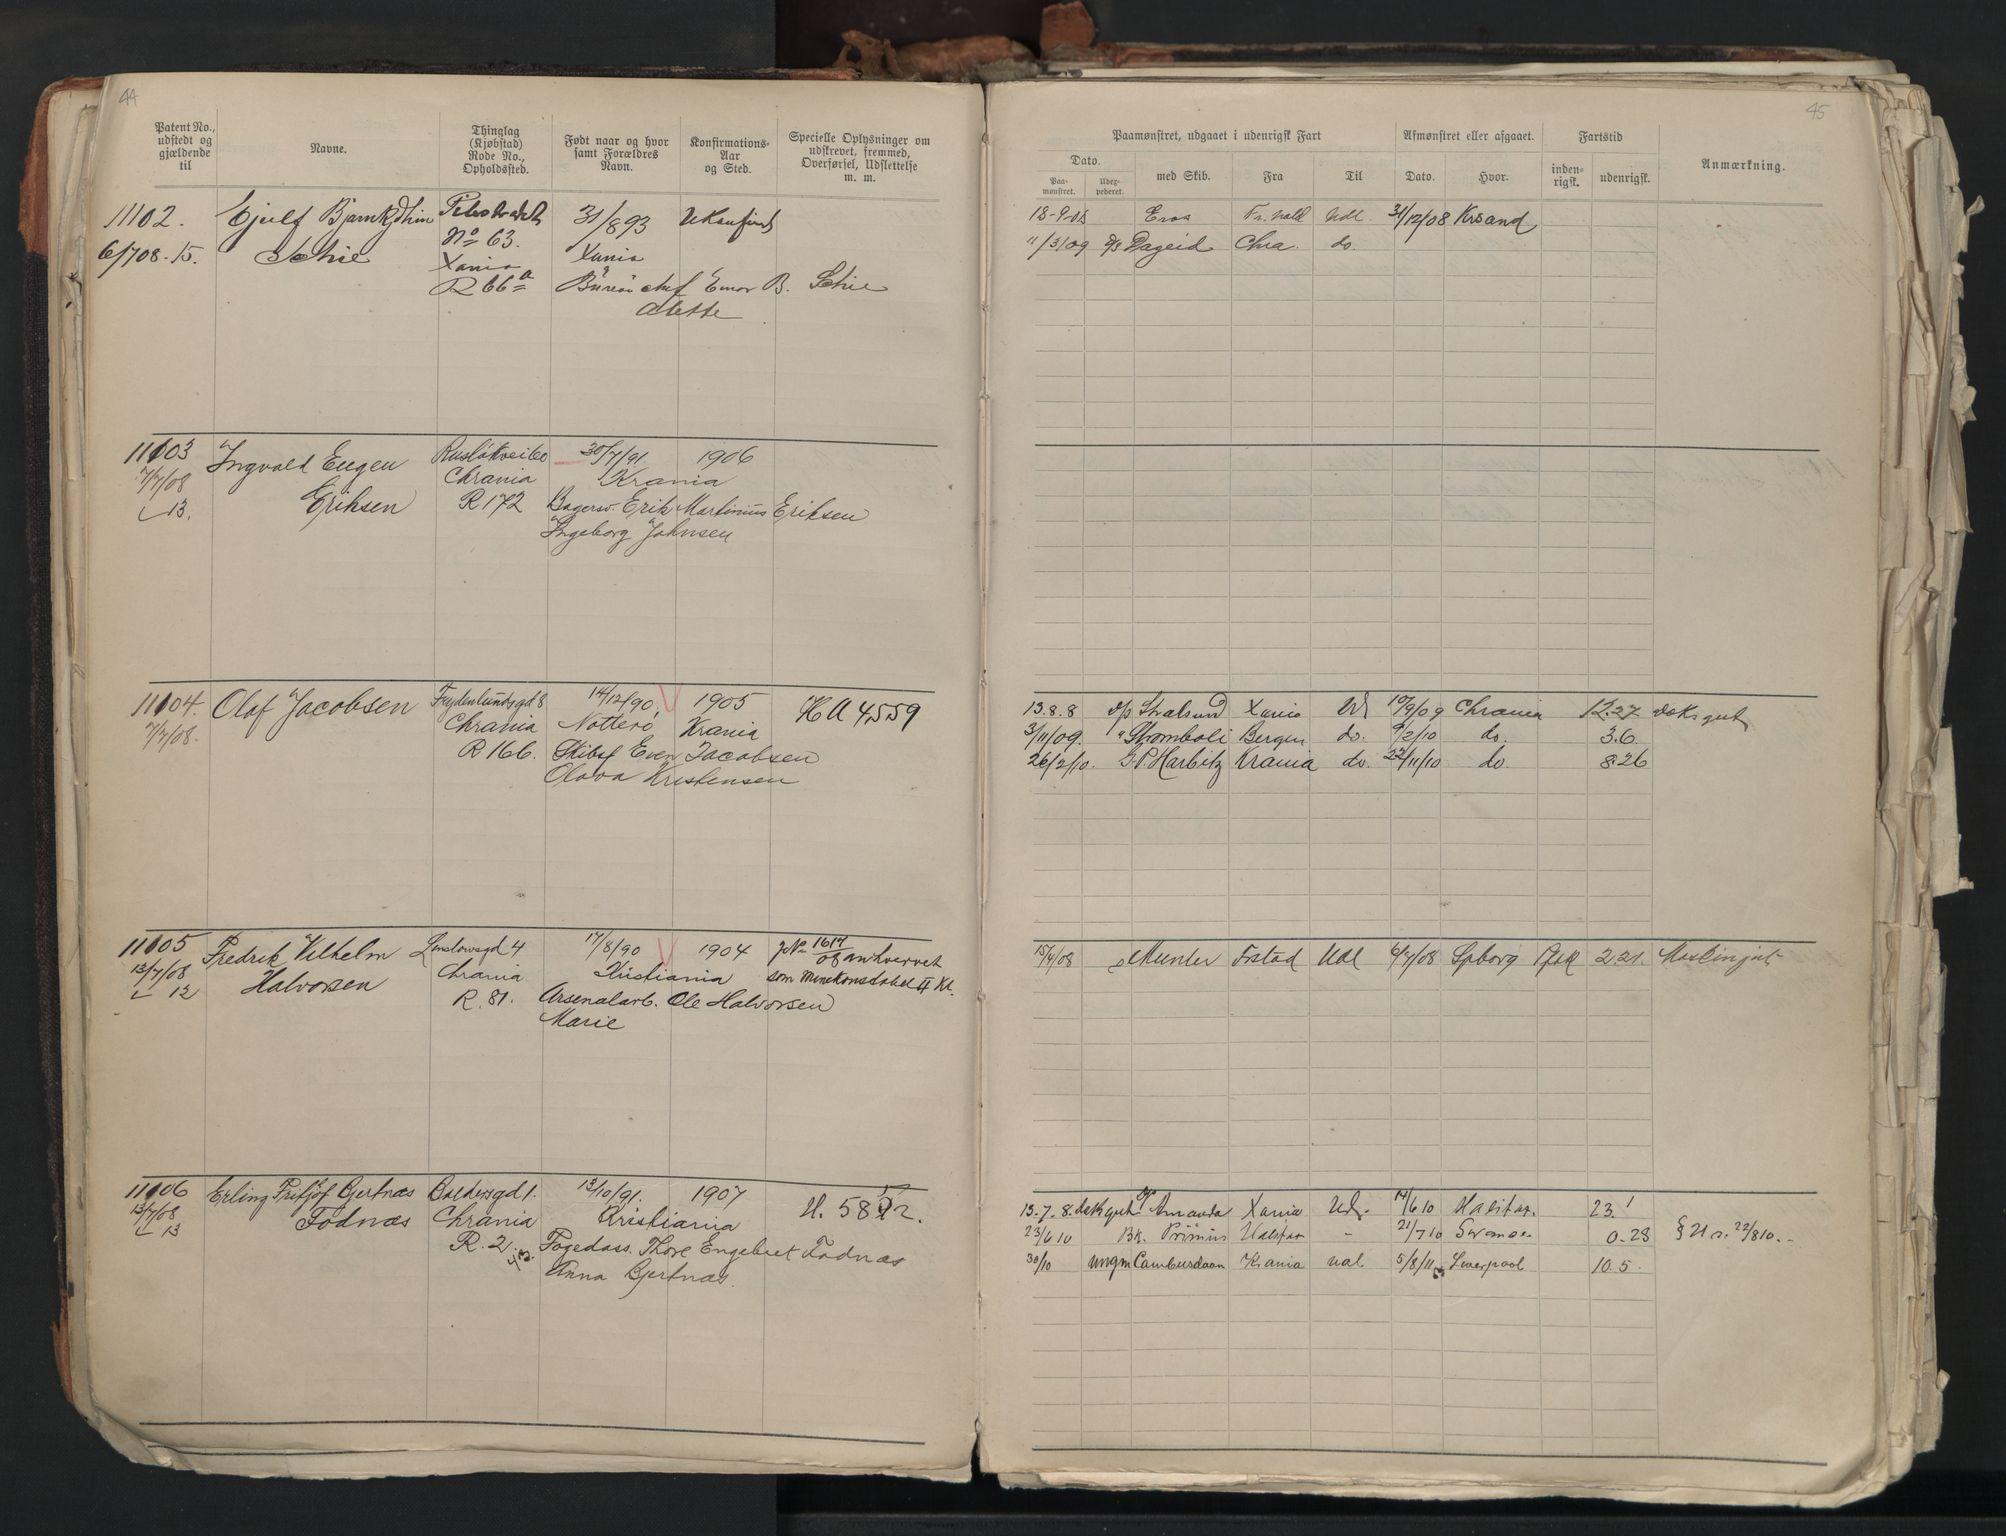 SAO, Oslo sjømannskontor, F/Fb/L0001: Annotasjonsrulle, 1908-1938, s. 44-45